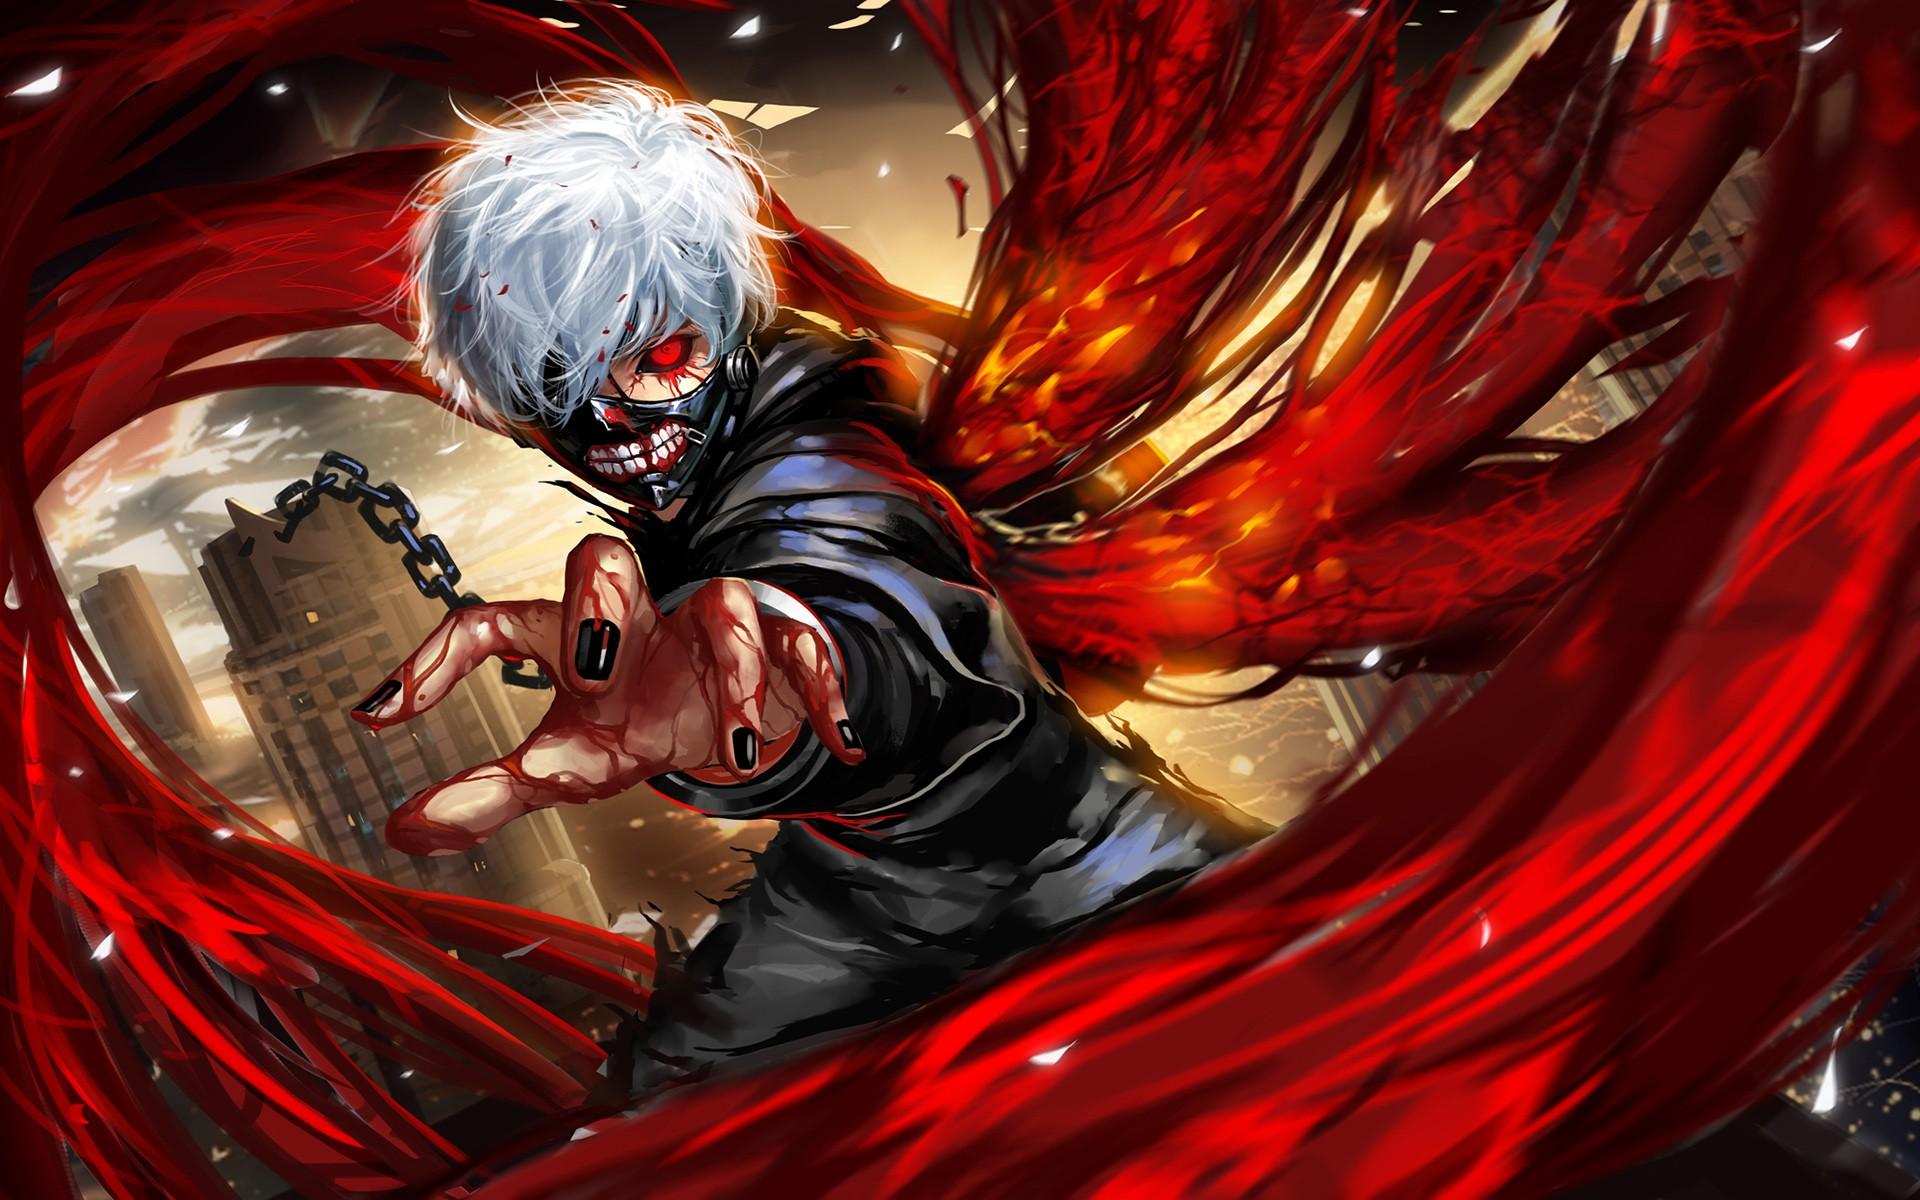 Wallpaper Anime Red Superhero Kaneki Ken Tokyo Ghoul